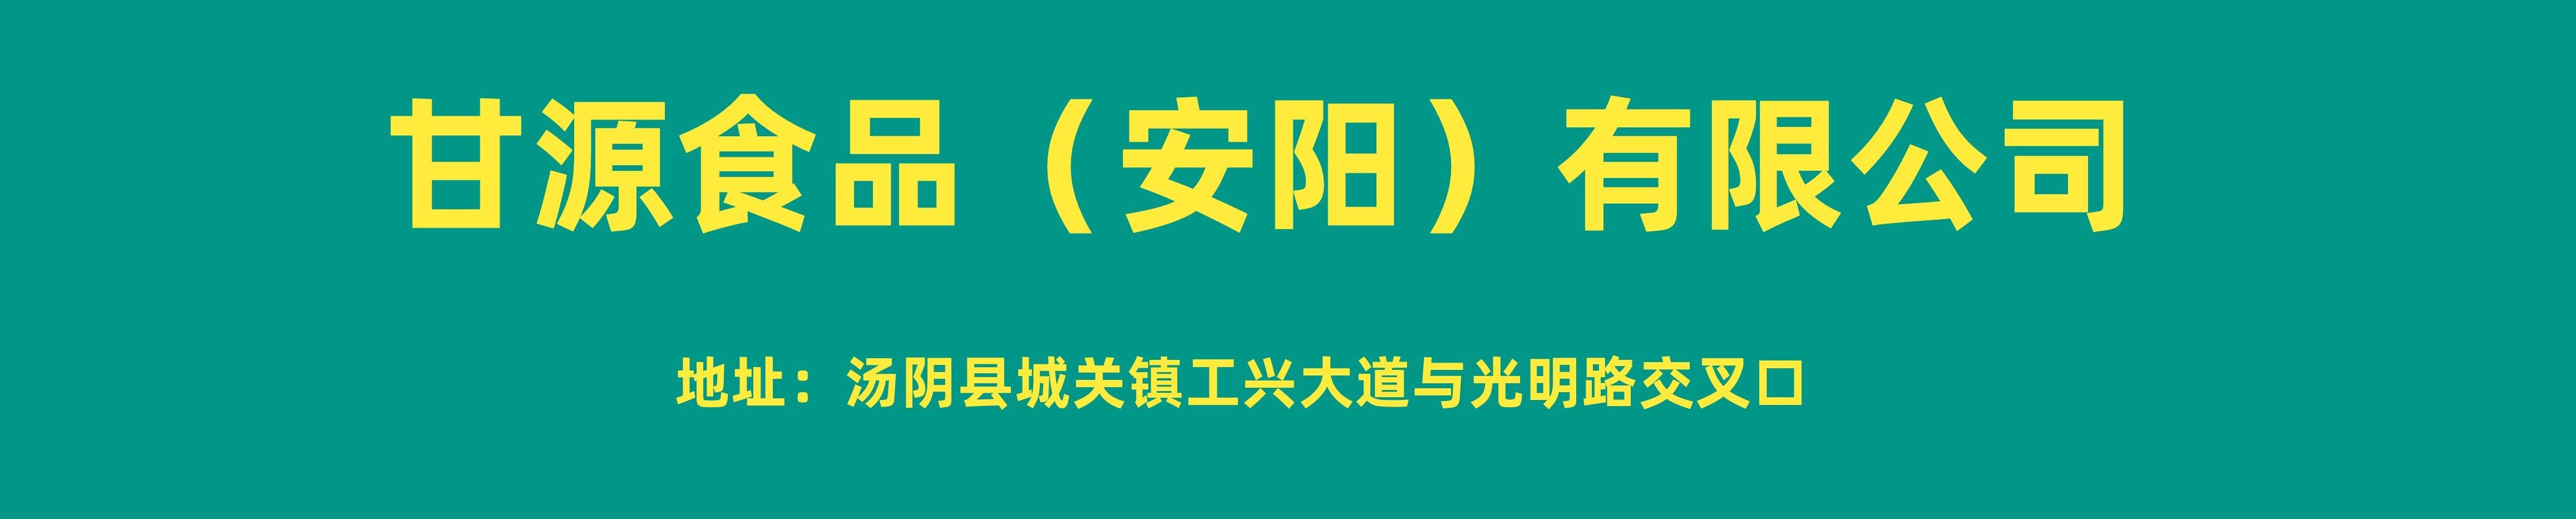 甘源食品(安陽)有限公司